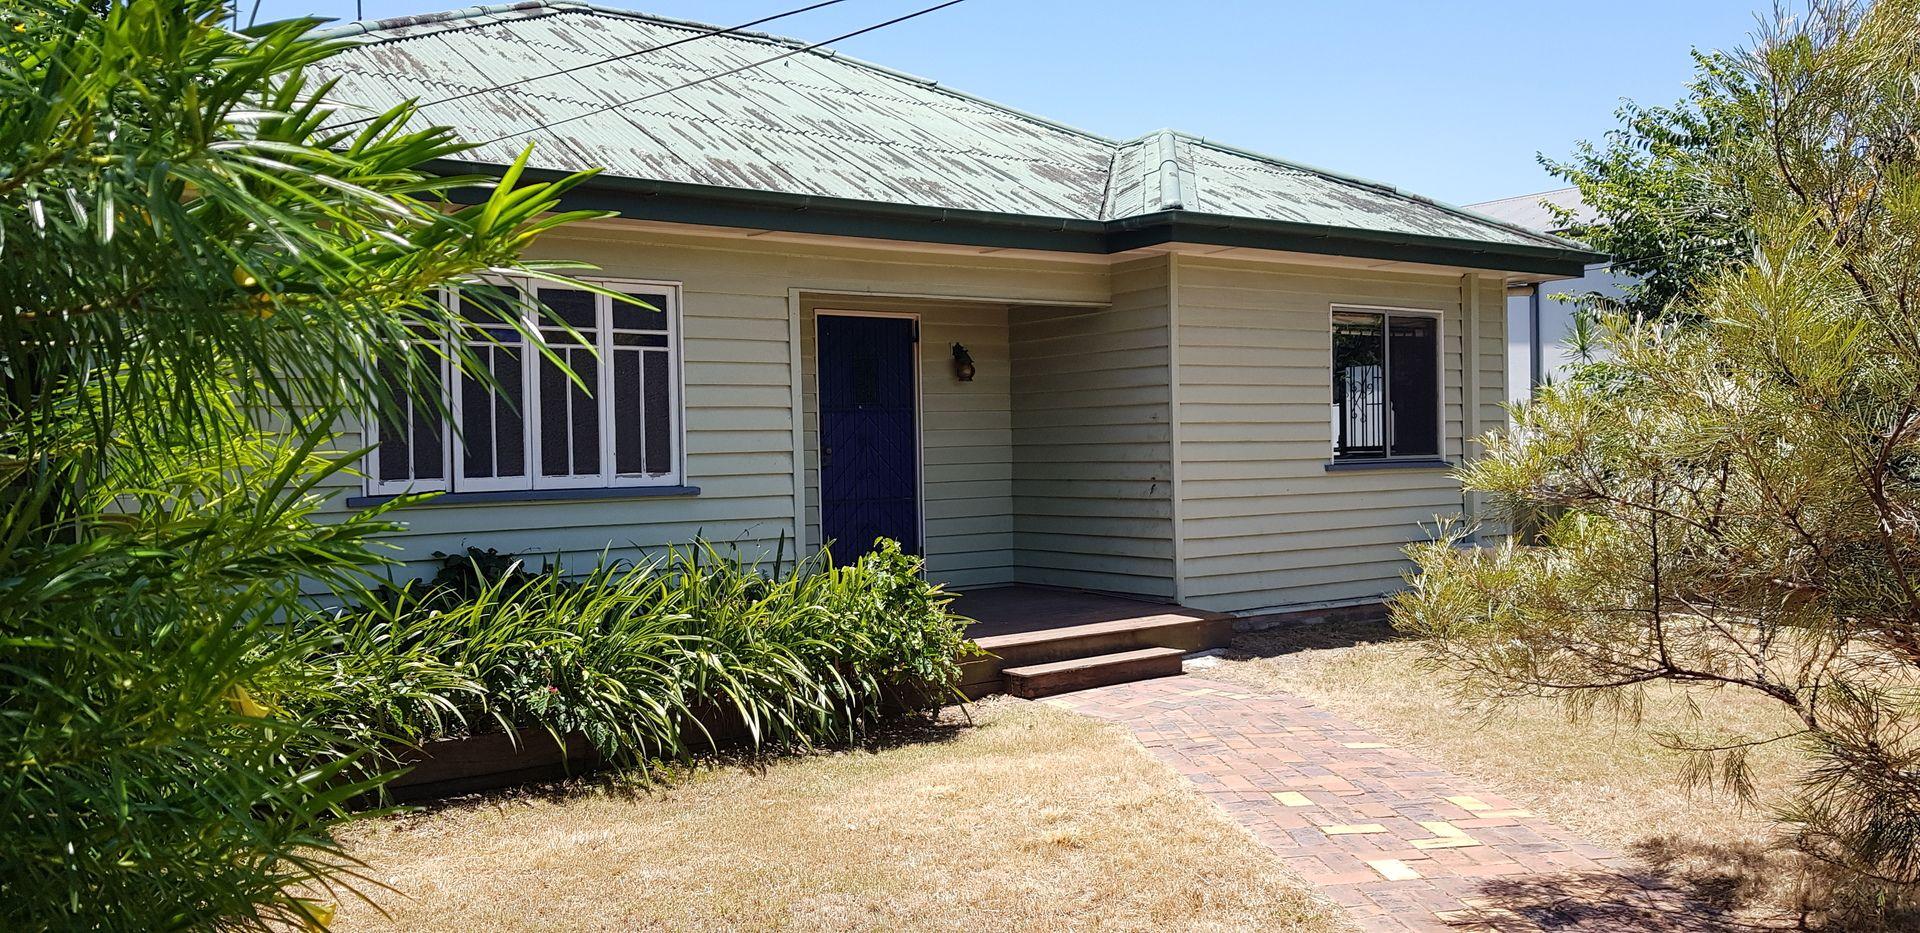 114 Lytton Street, Bulimba QLD 4171, Image 0